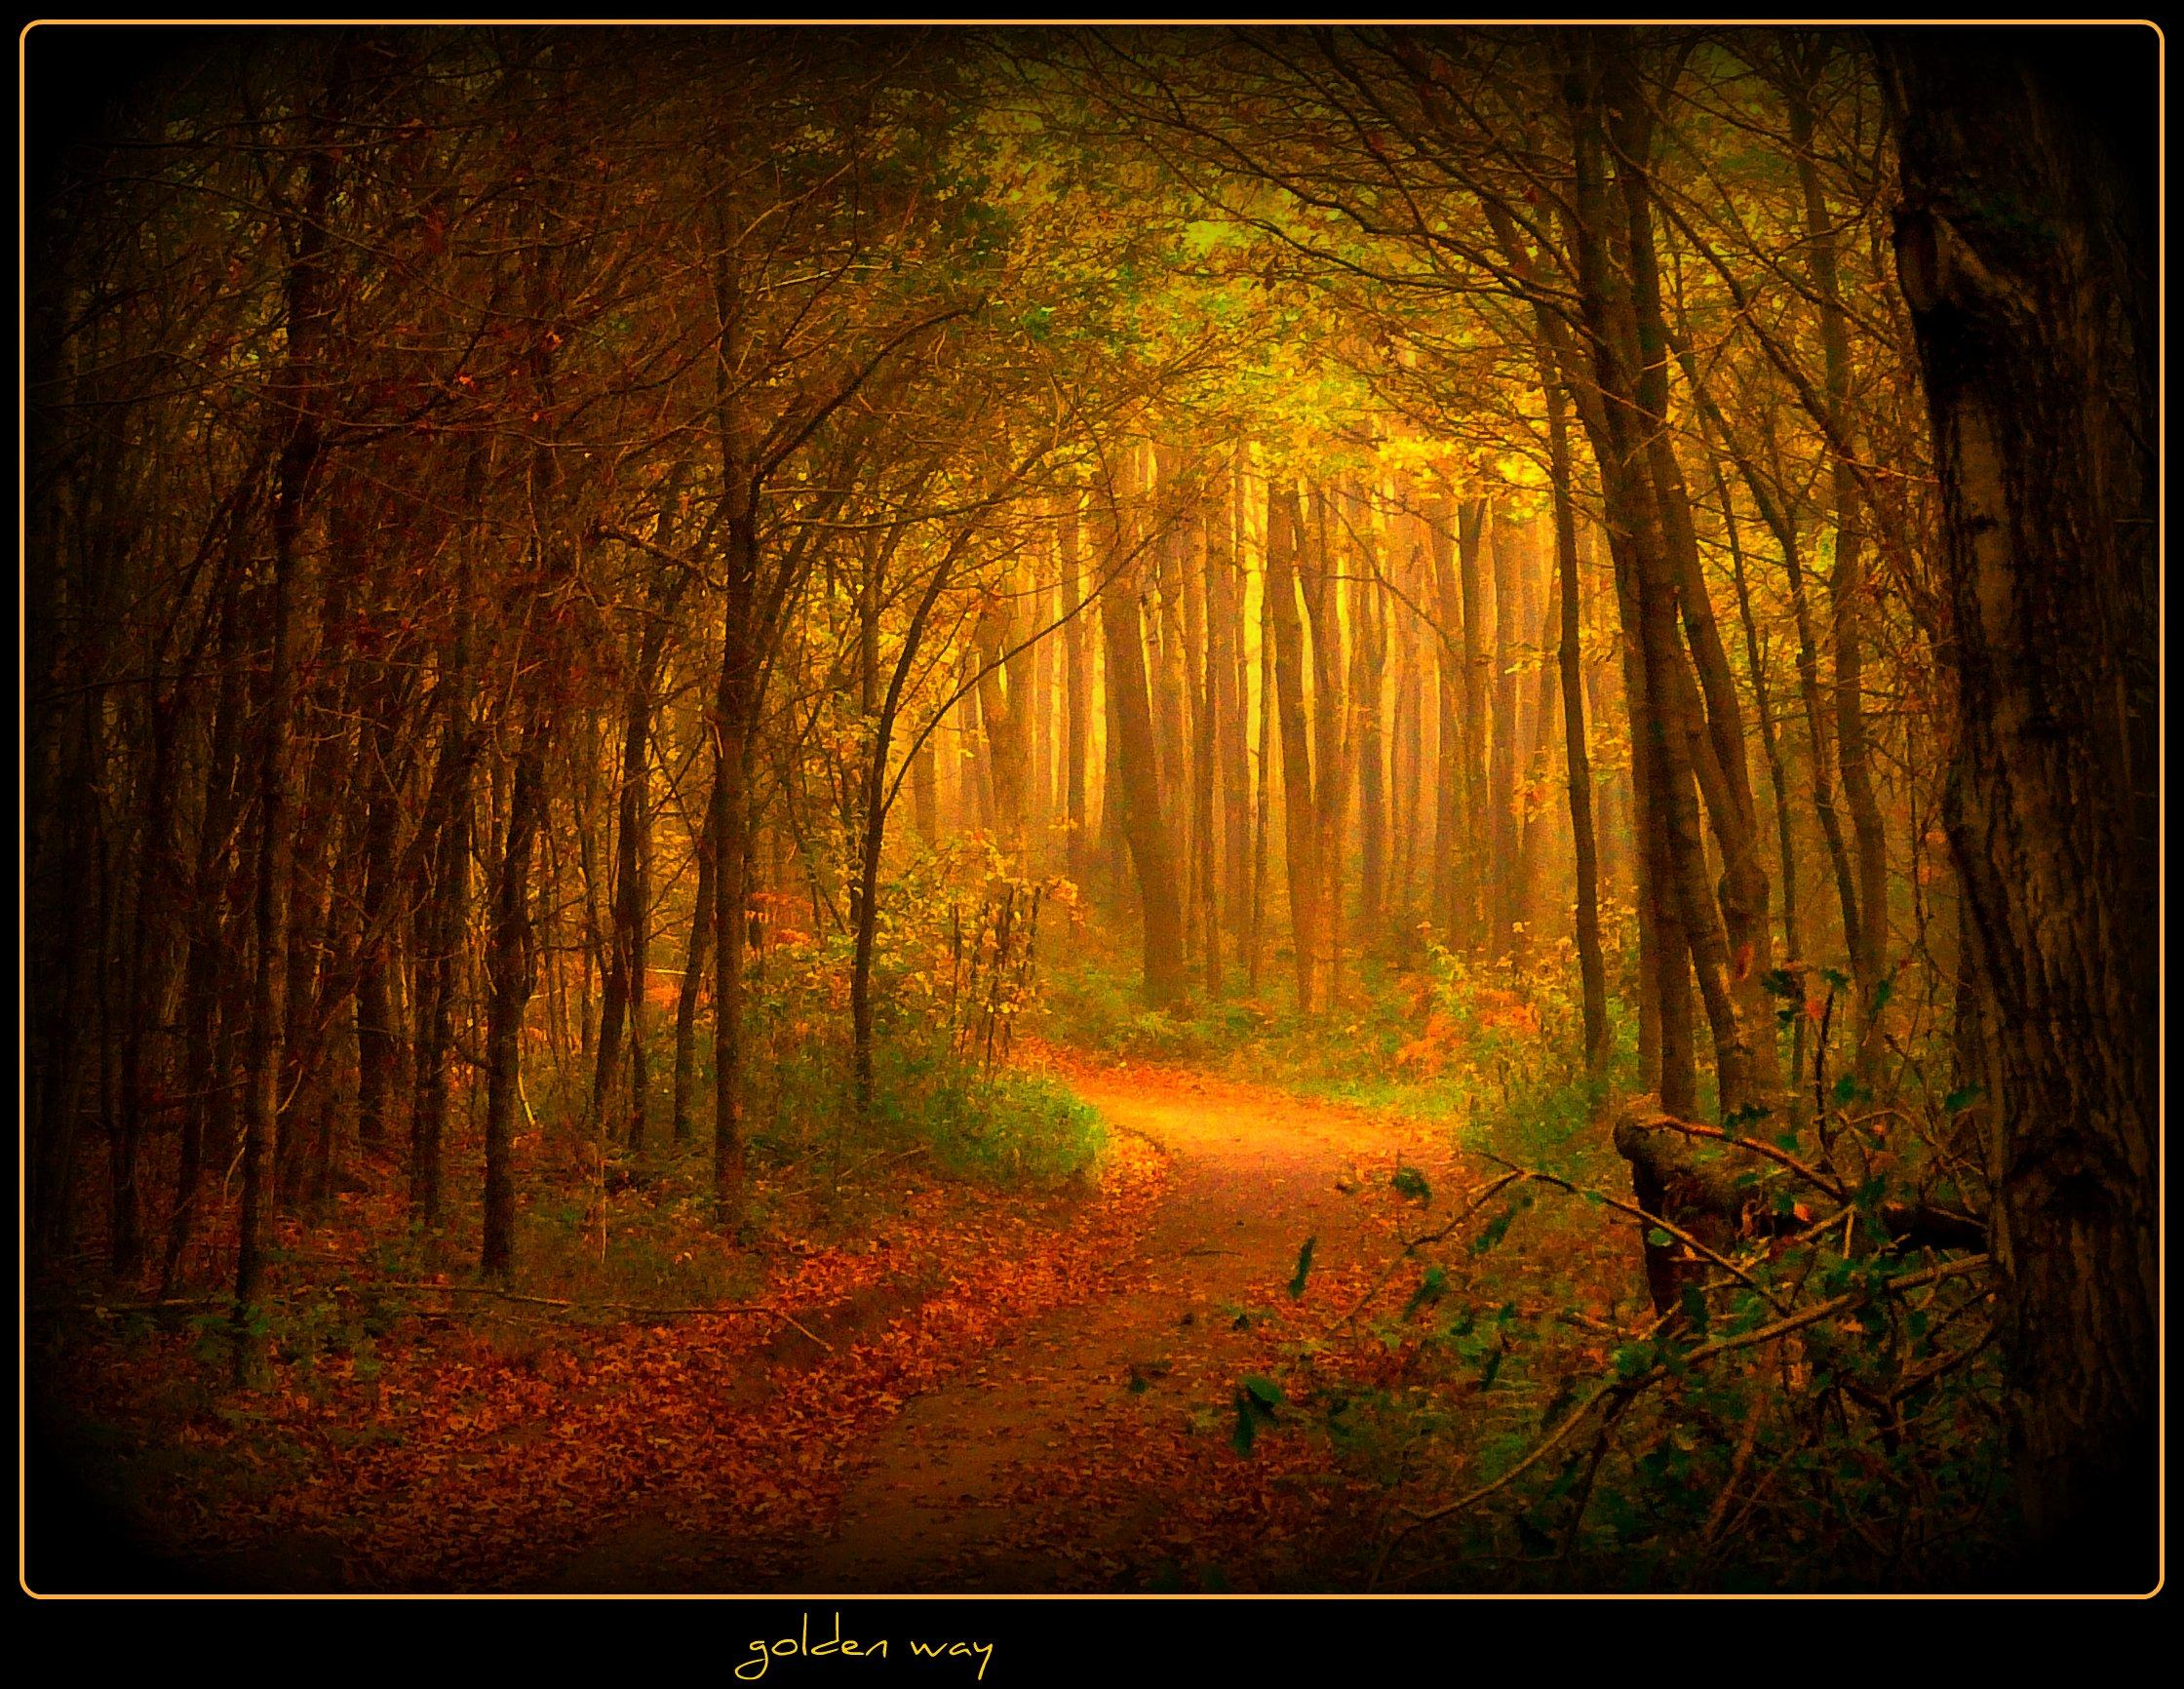 Holz Siegburg hintergrundbilder sonnenlicht wald fallen natur holz